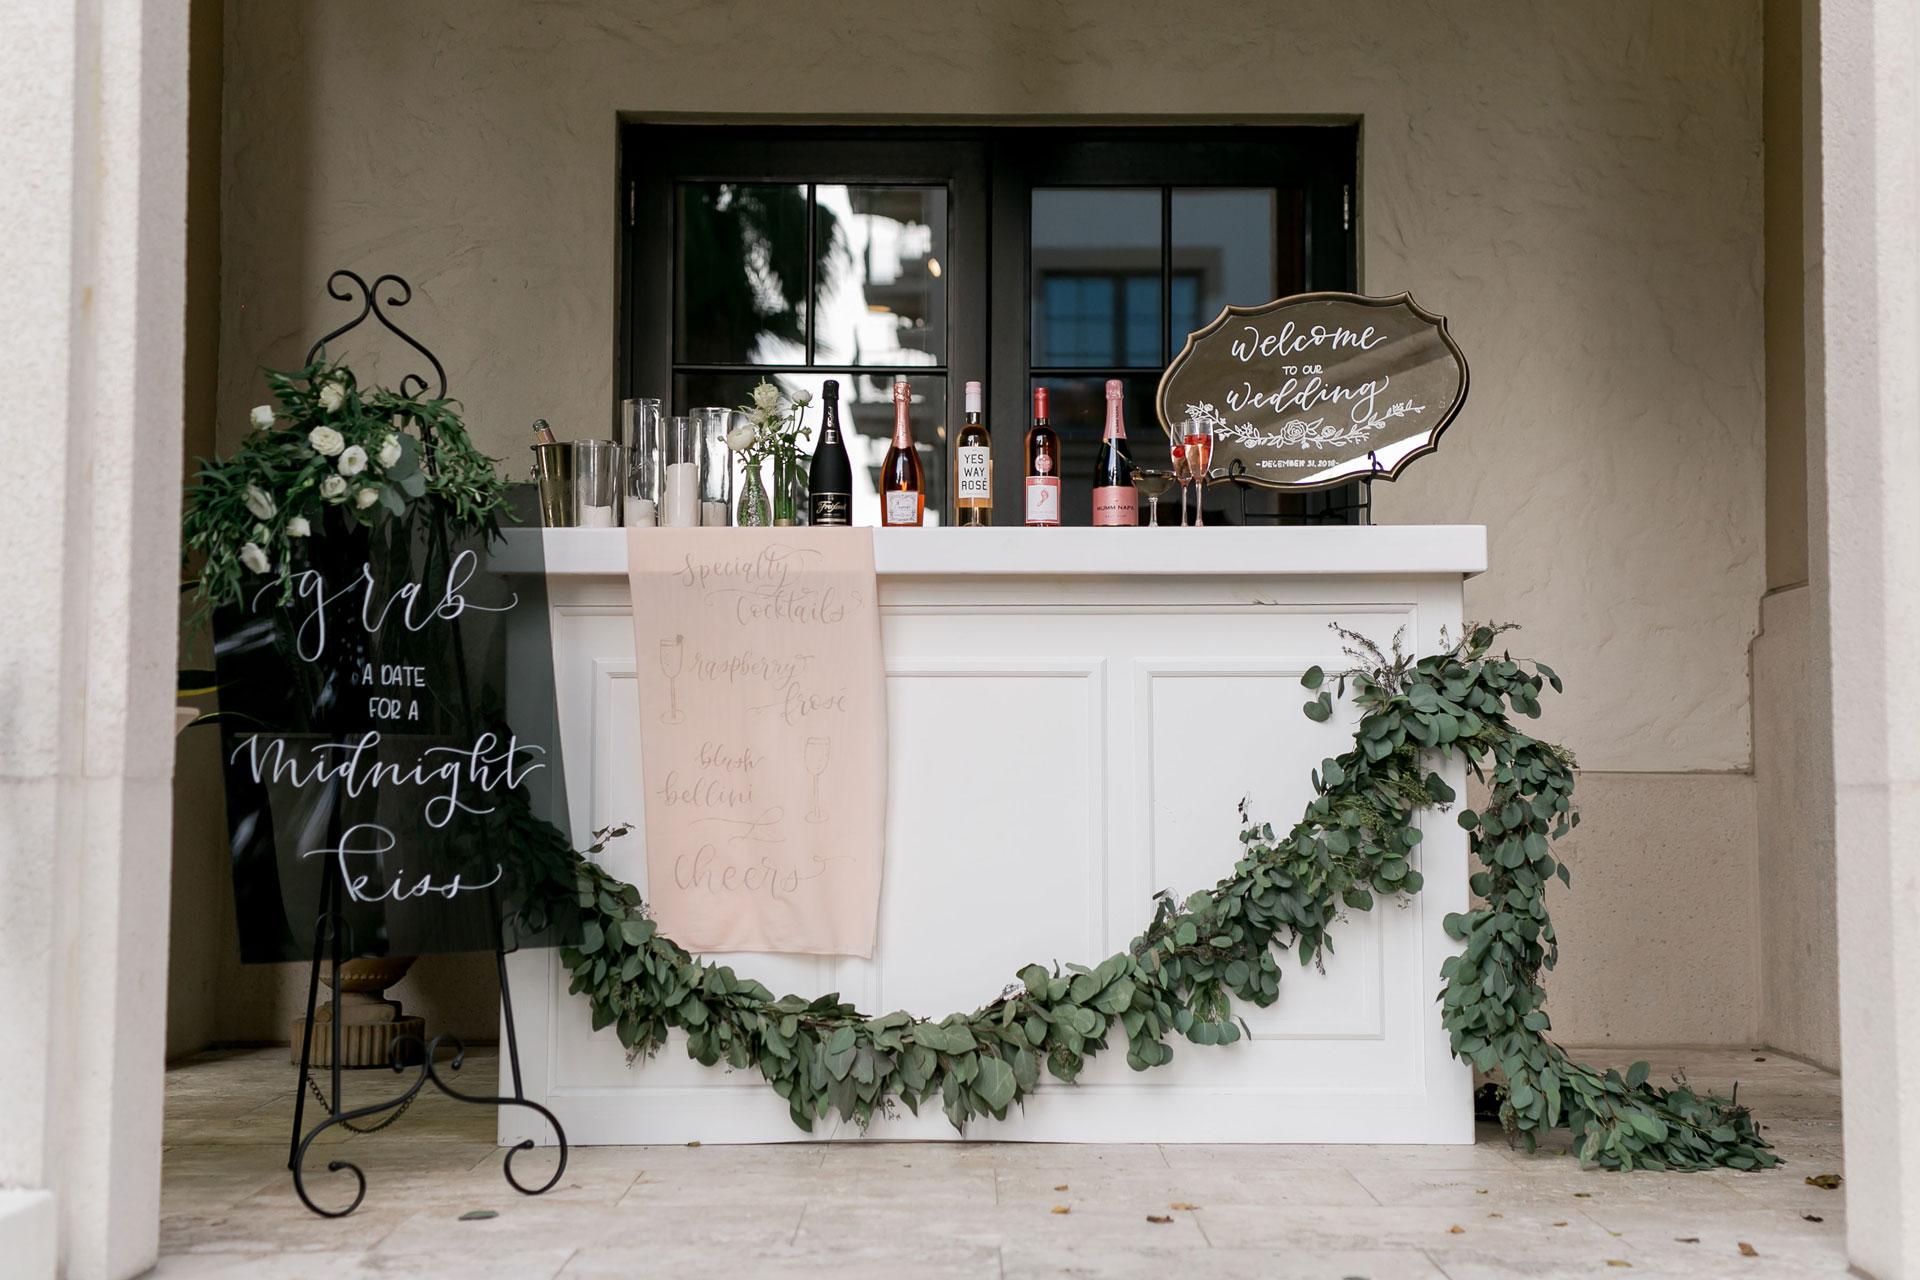 Wedding Signage Options